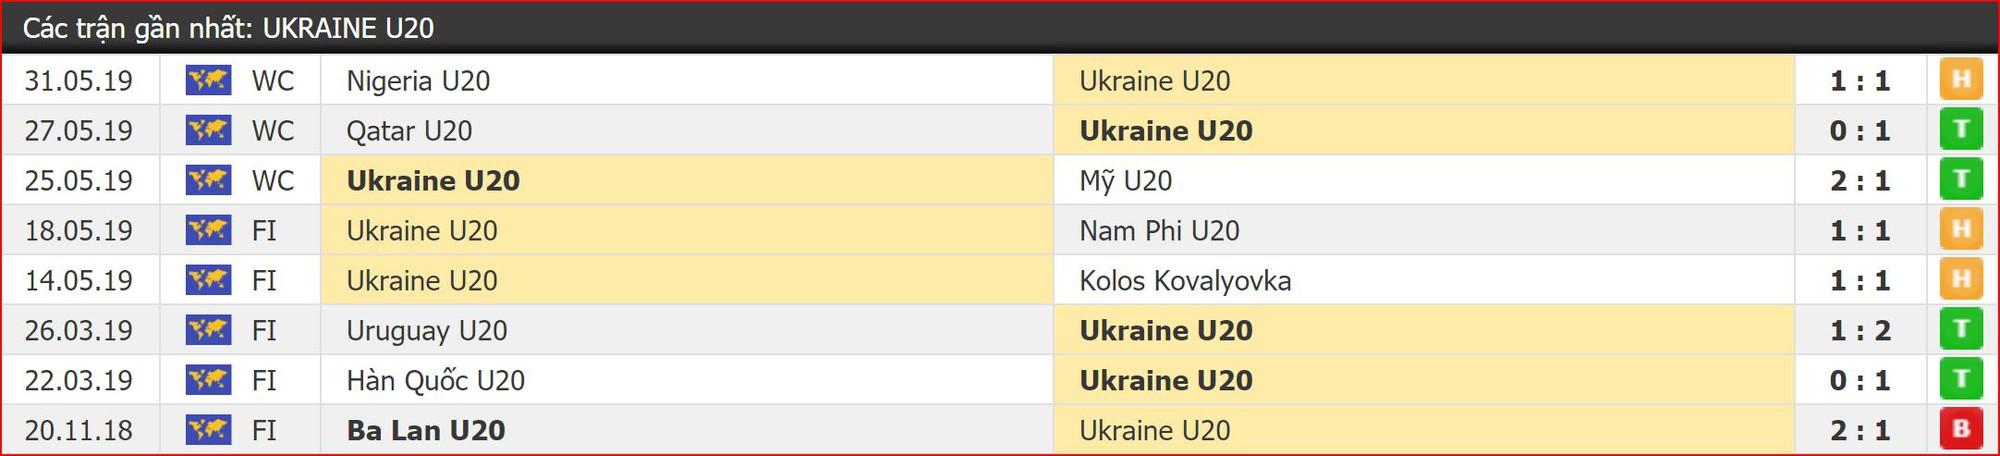 Nhận định bóng đá U20 Ukraine vs U20 Panama (22h30, 3/6) vòng 1/8 World Cup U20 - Ảnh 4.